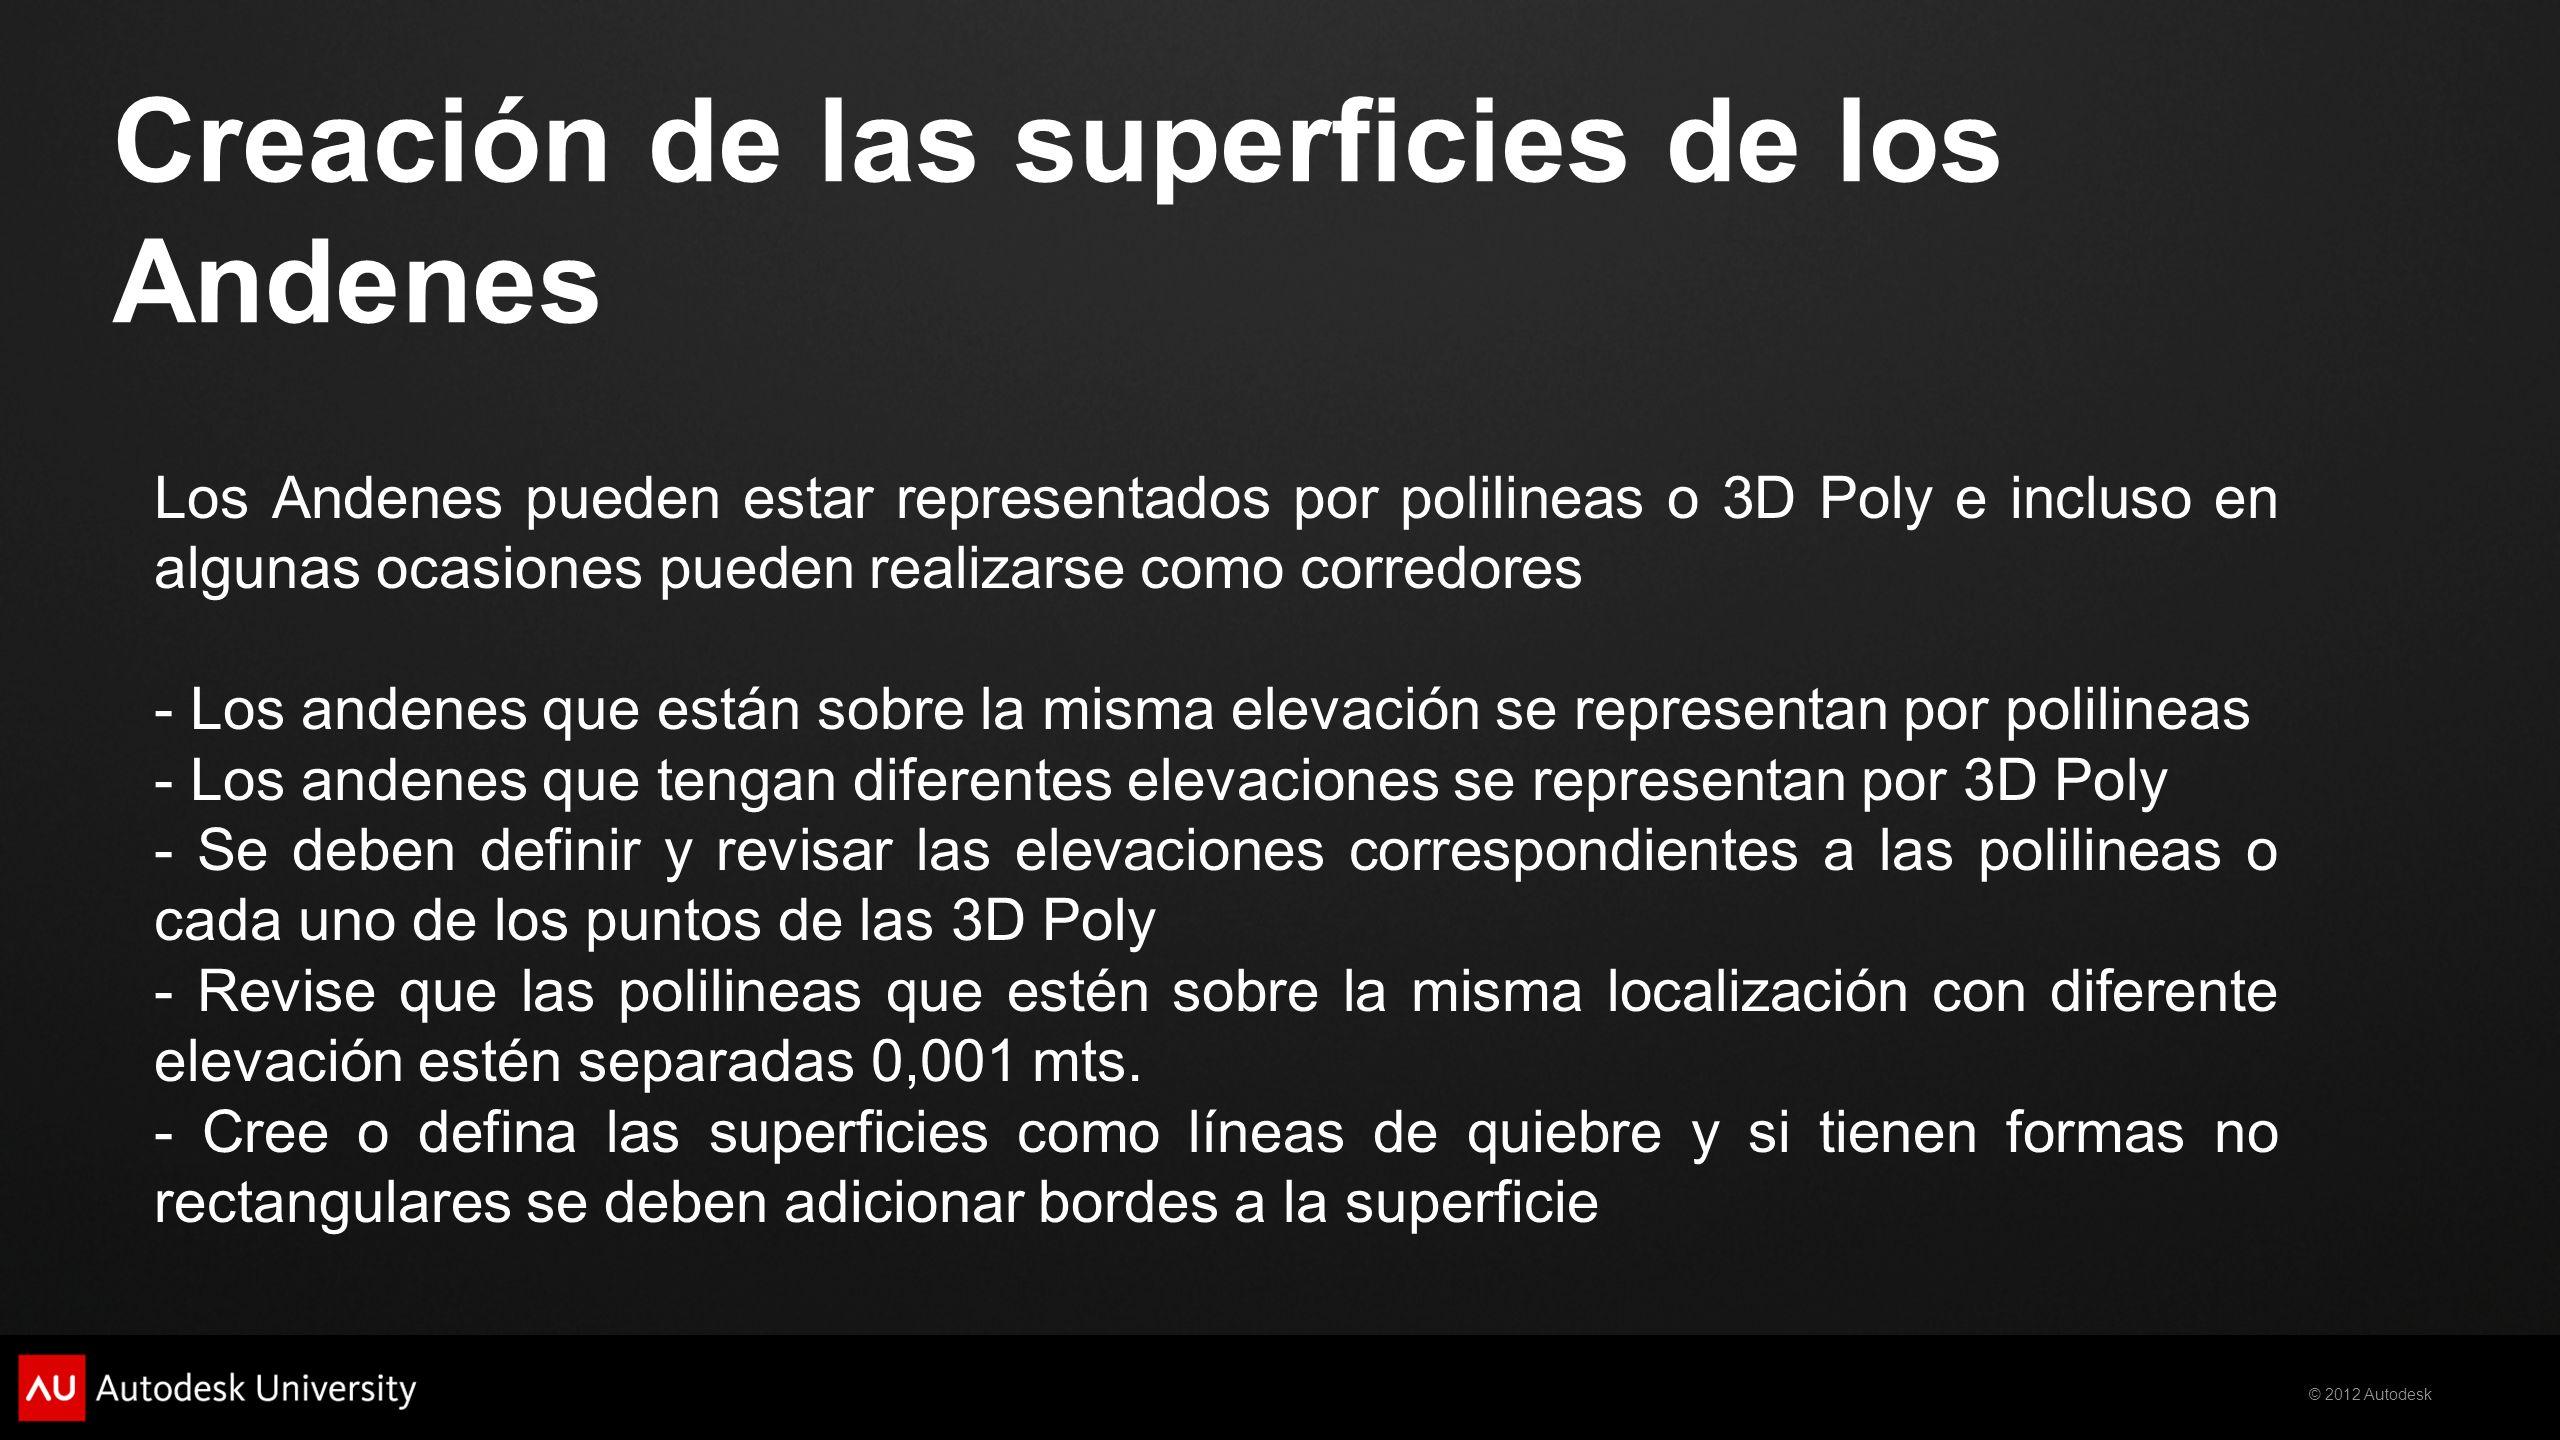 © 2012 Autodesk Creación de las superficies de los Andenes con Escalas - Cada nivel de la escala debe estar representada por una polilinea, cada polilinea debe tener su correspondiente elevación - Las polilineas deben estar separadas al menos 0.001 mts.